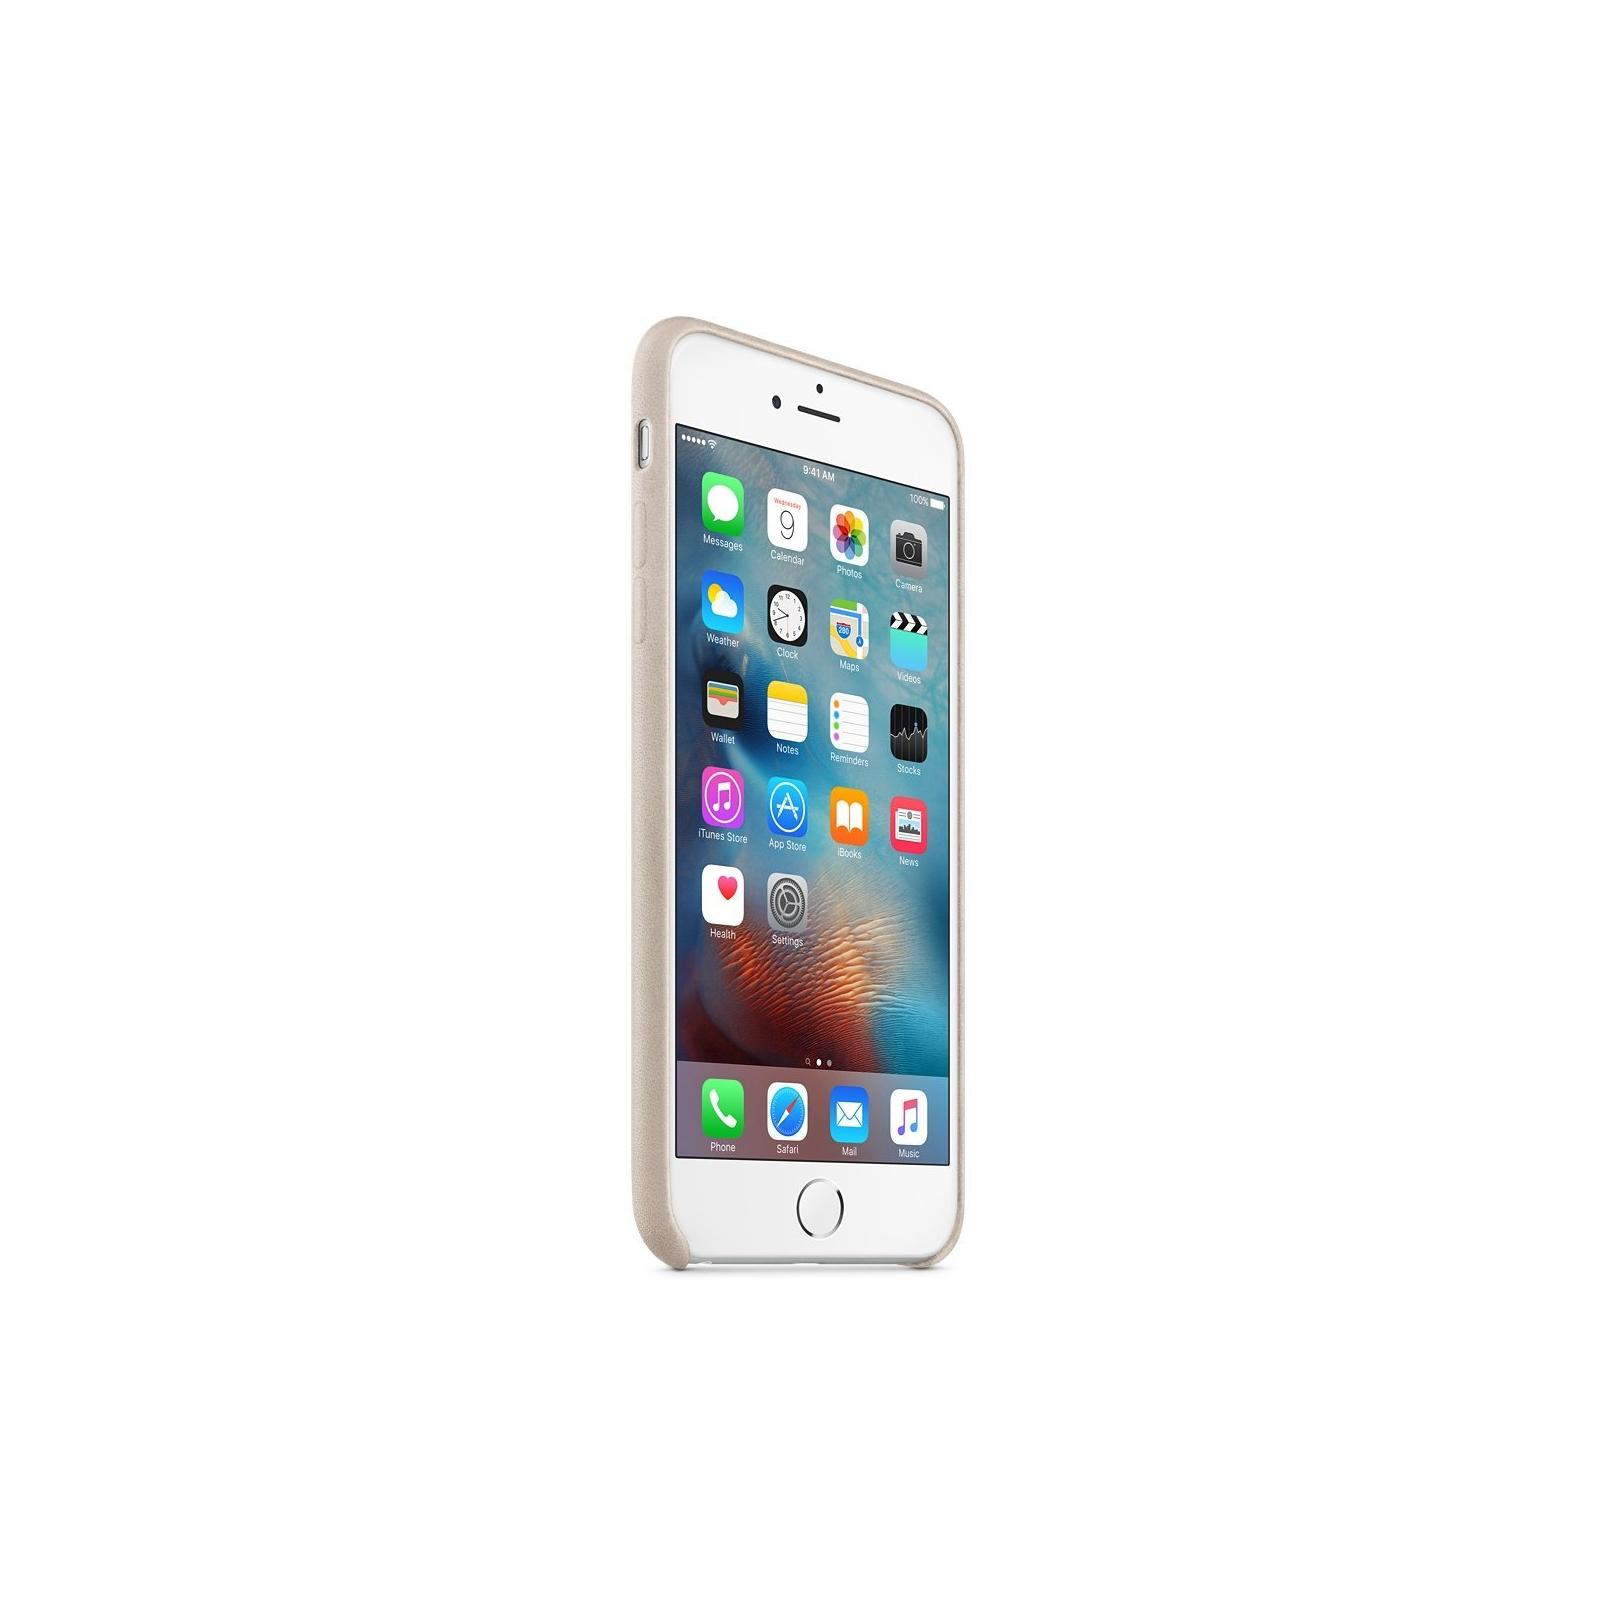 Чехол для моб. телефона Apple для iPhone 6 Plus/6s Plus Rose Gray (MKXE2ZM/A) изображение 3